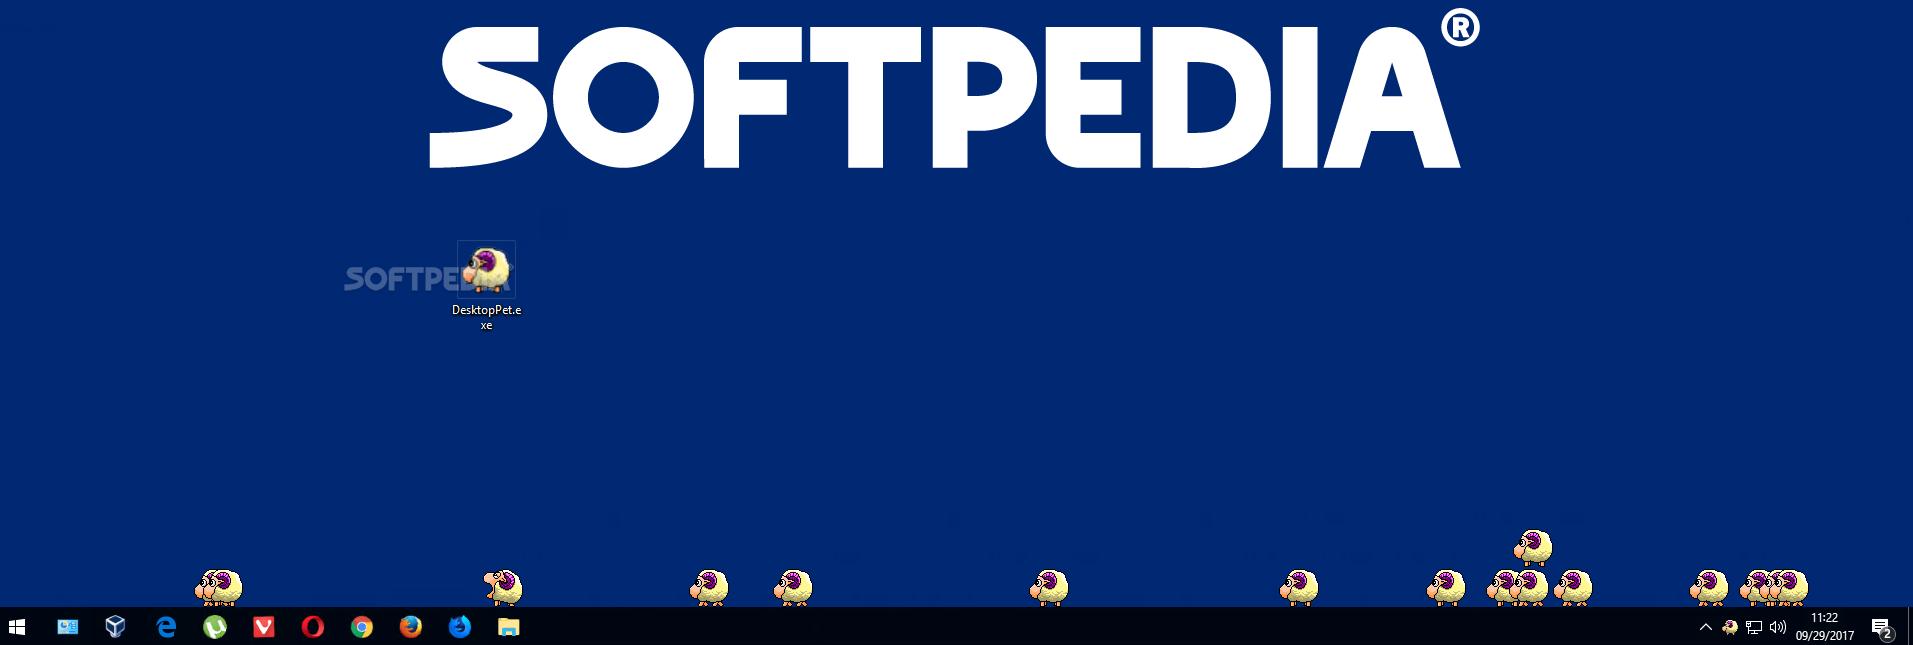 desktopPet